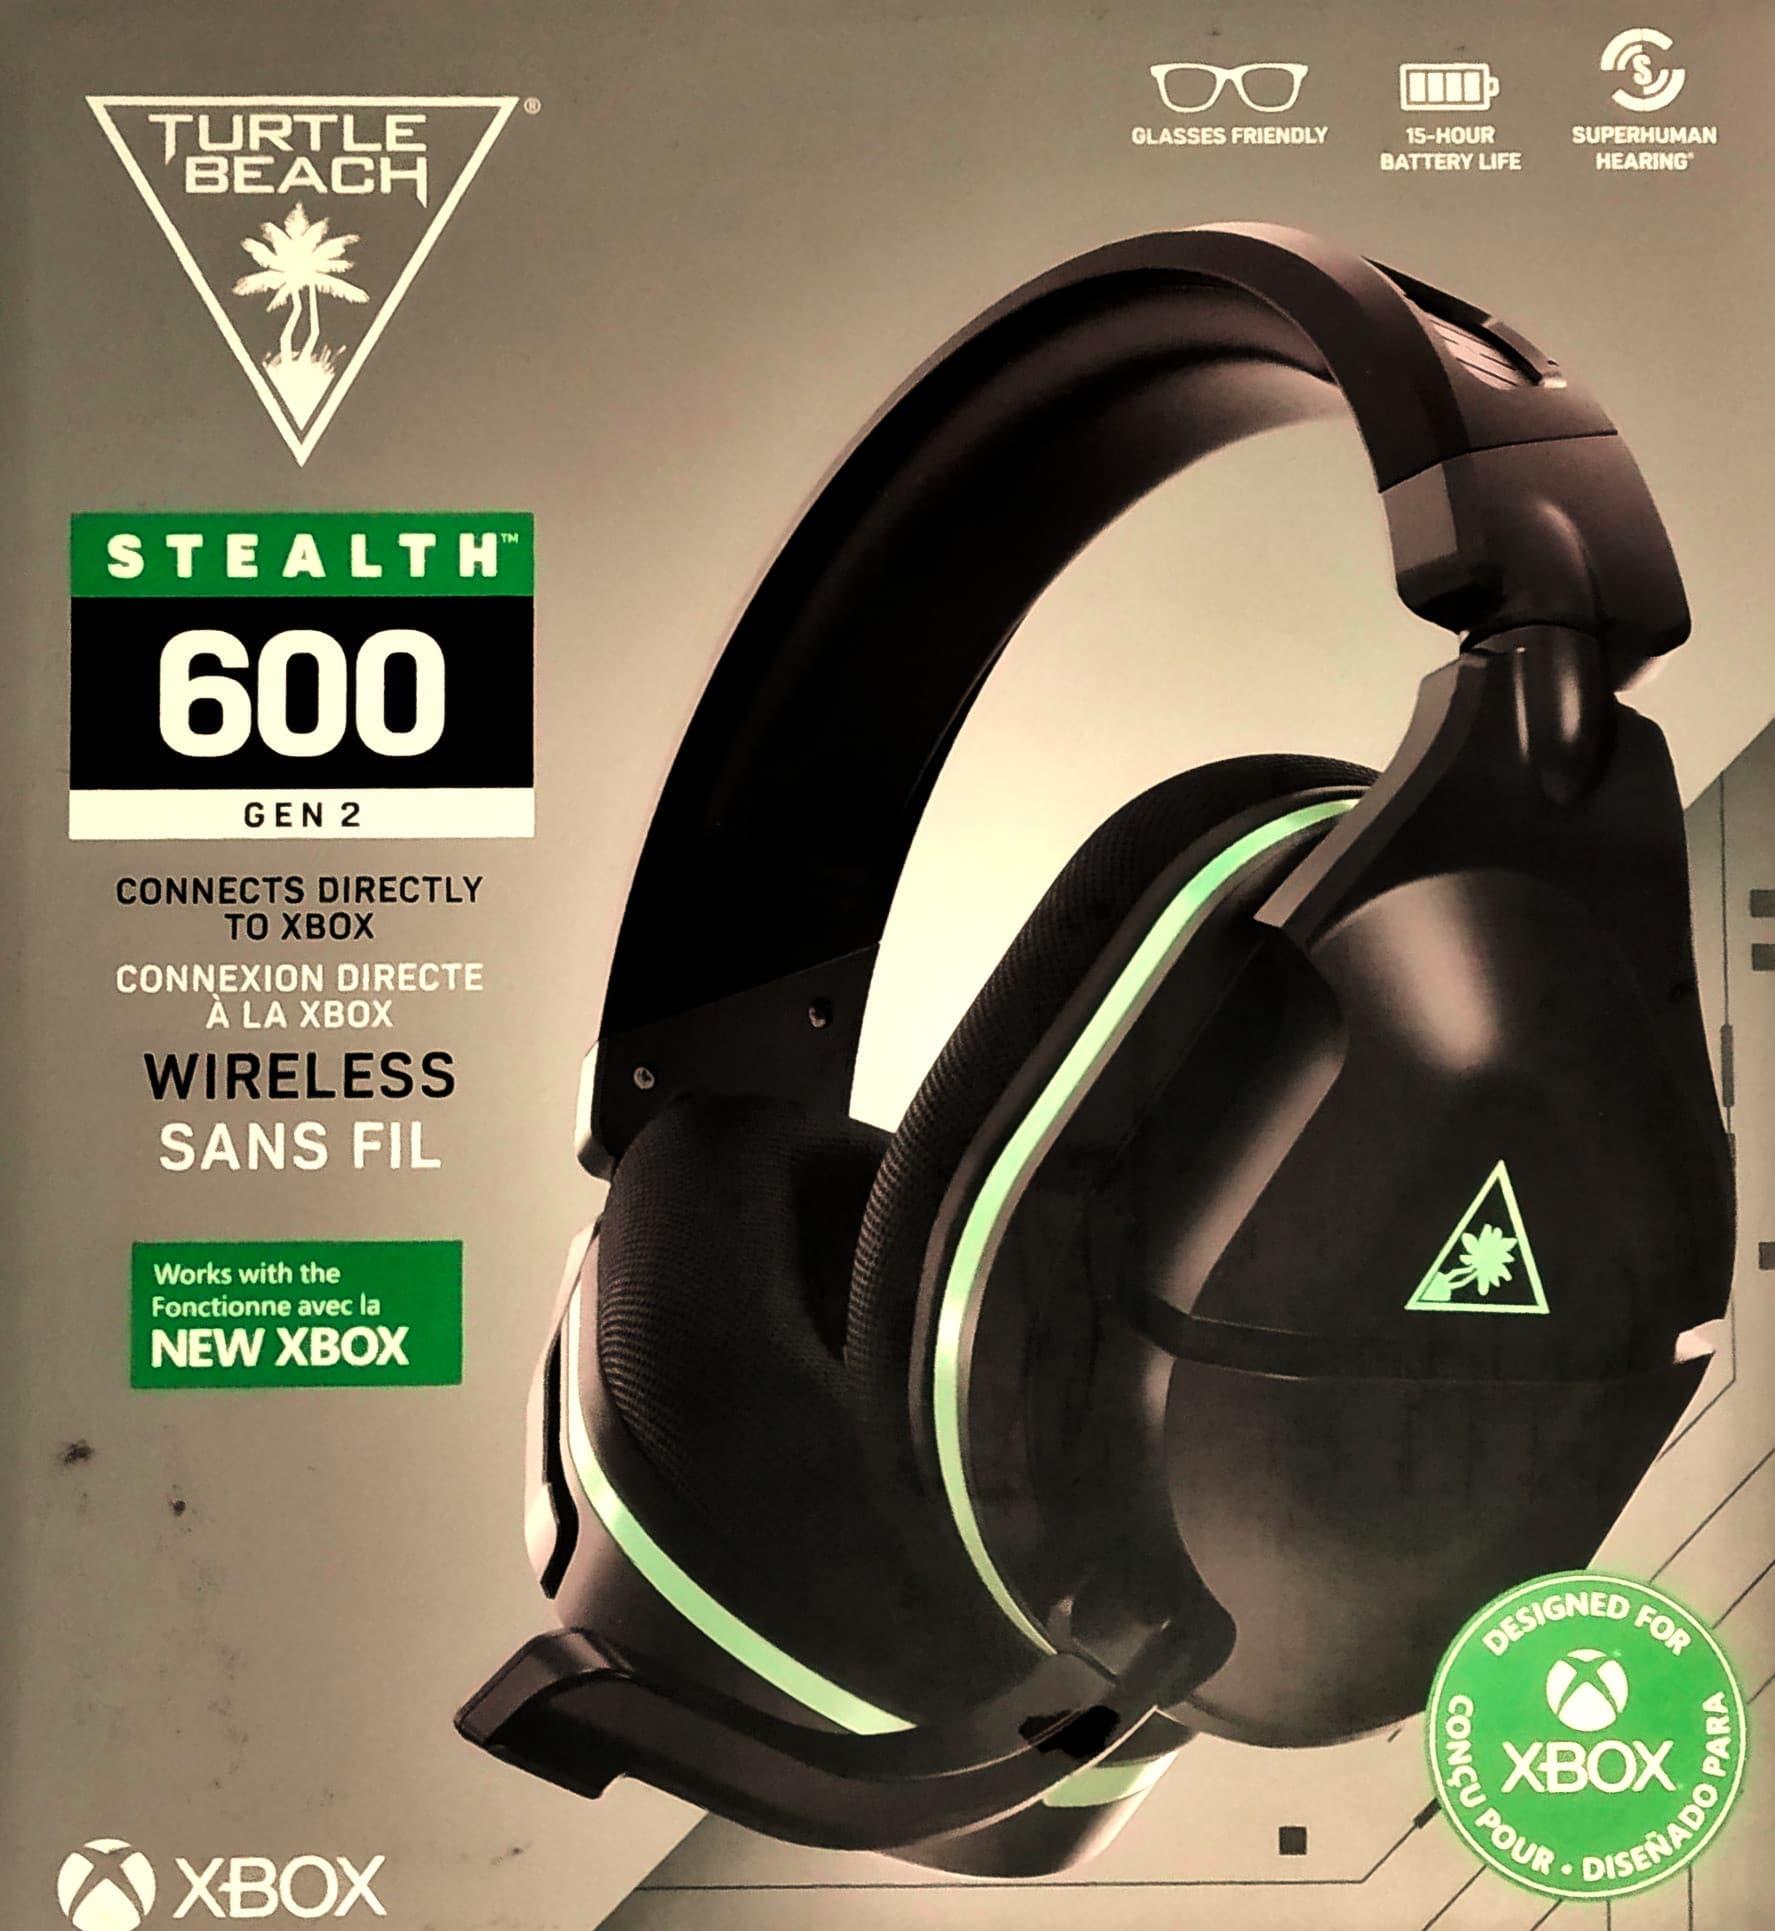 Casque sans fil pour Xbox Series Turtle Beach Stealth 600 Gen 2: Avis de gamer 2021